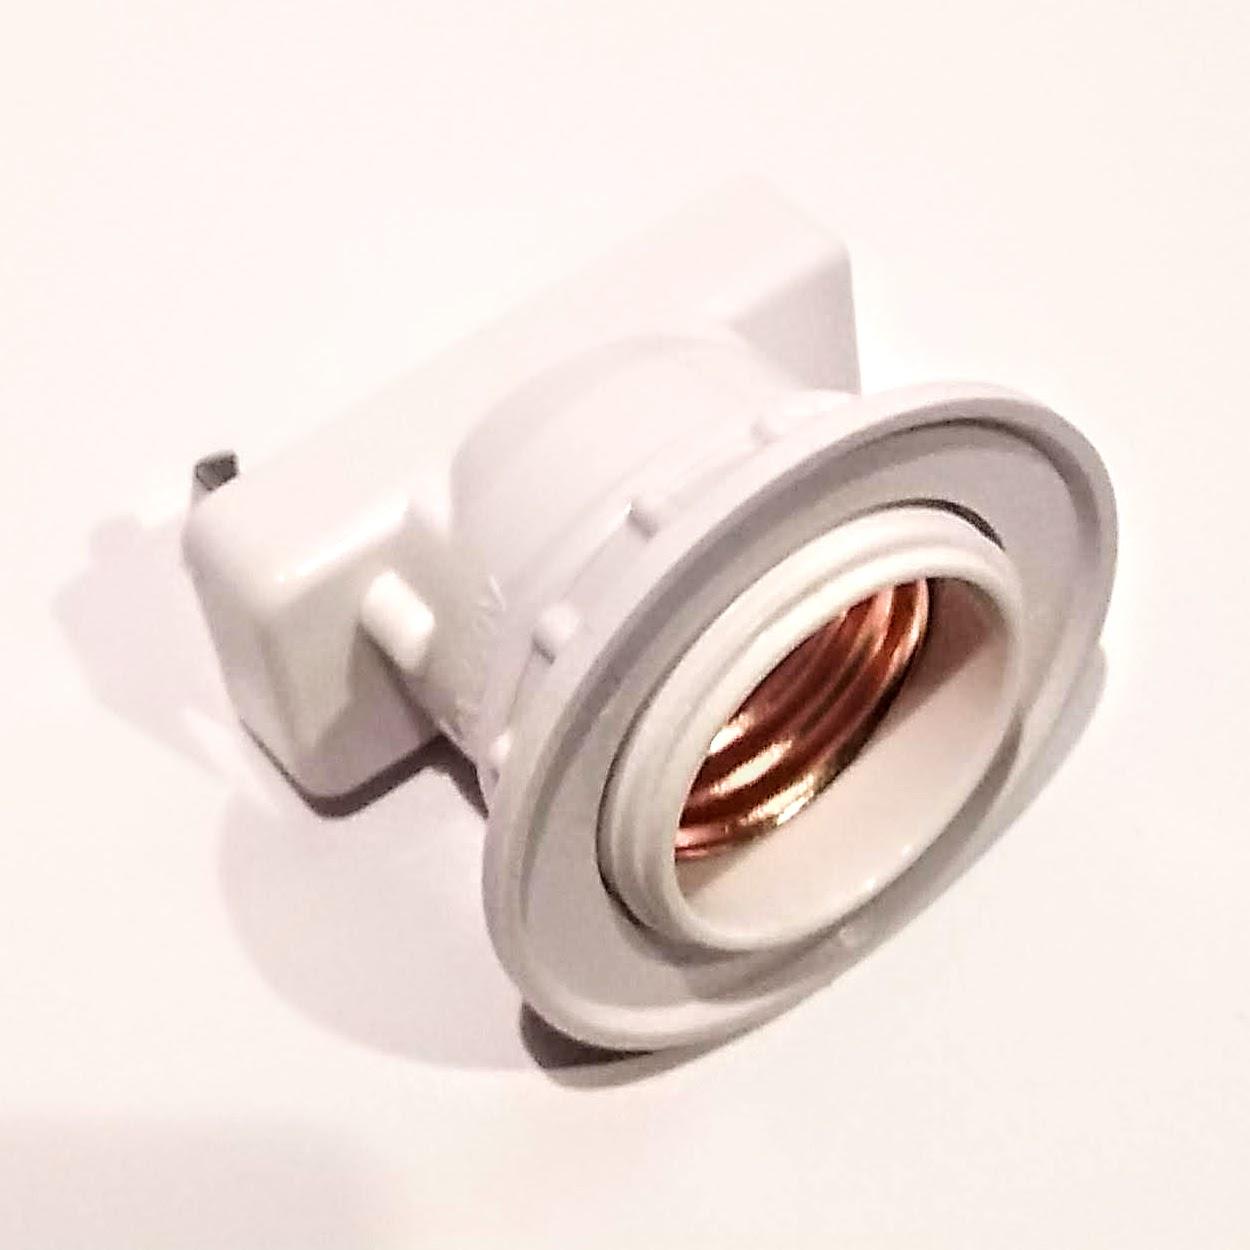 高品質新品 600Wまで ついに入荷 天井の引掛シーリング用 電球E26口金ソケットアダプタ